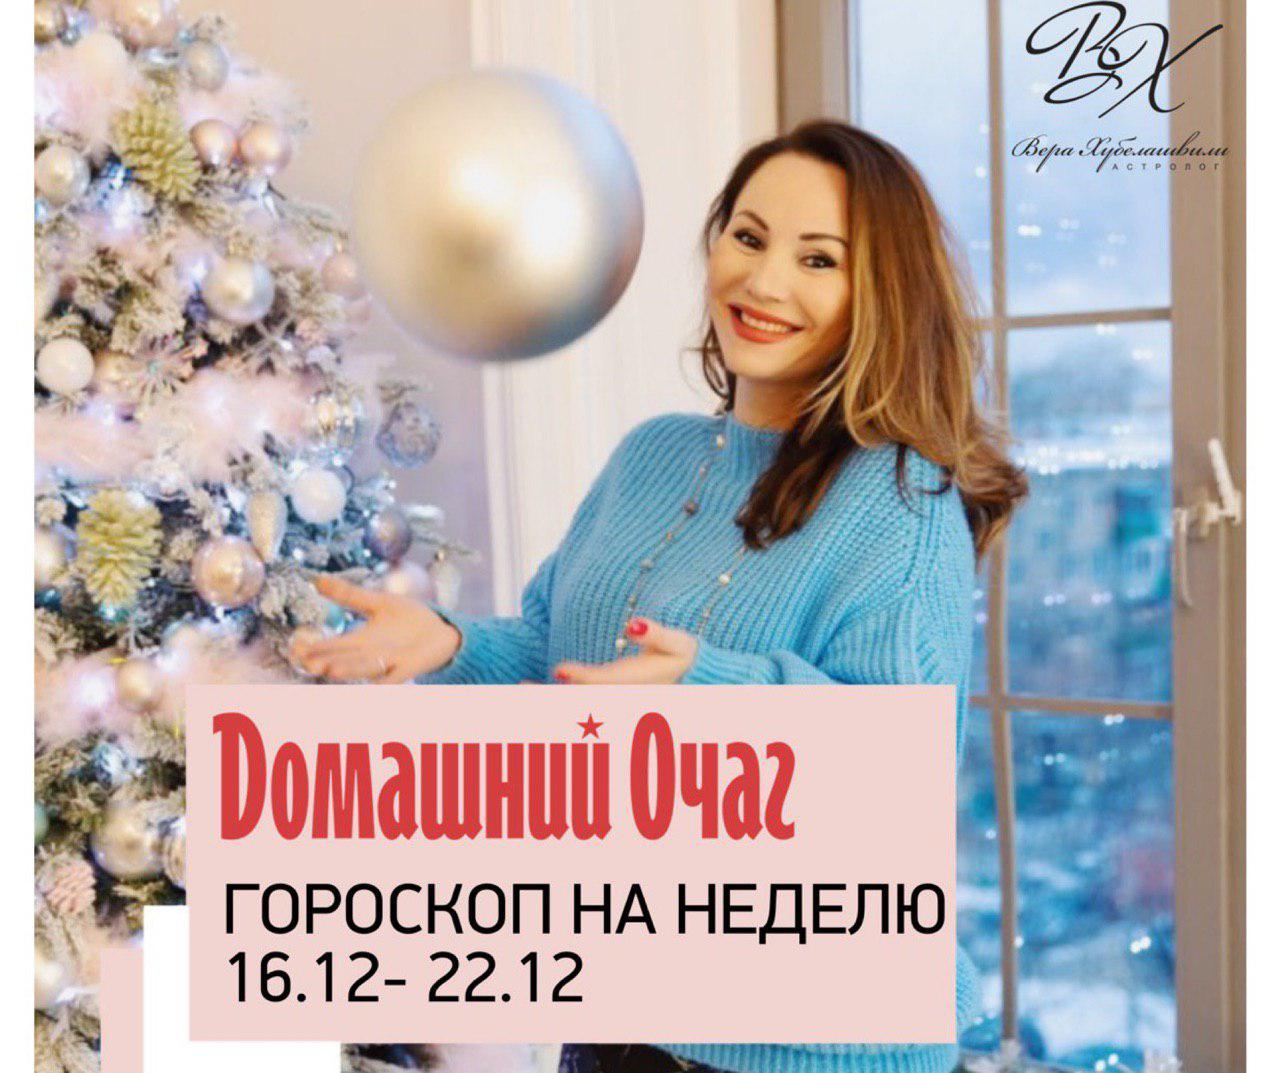 АСТРОЛОГИЧЕСКИЙ ПРОГНОЗ 16 - 22 ДЕКАБРЯ 2019 (ДОМАШНИЙ ОЧАГ)